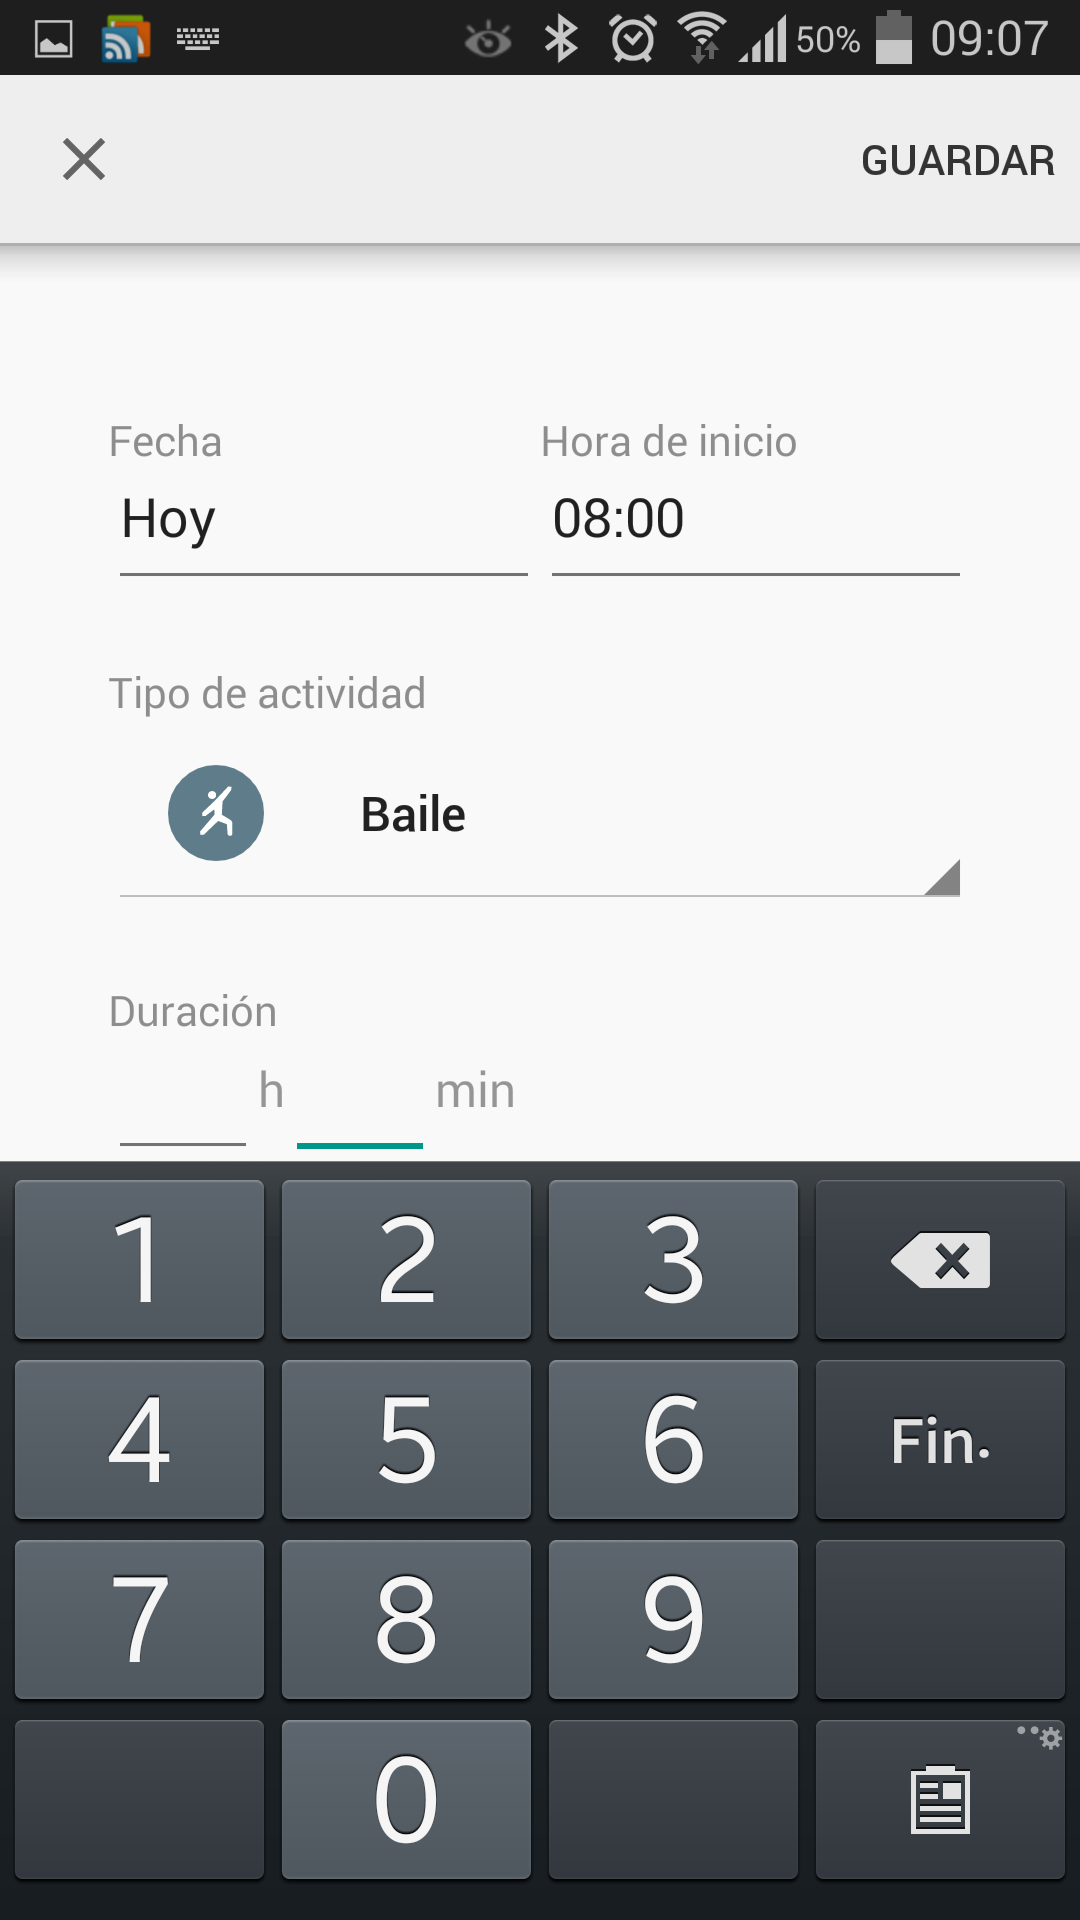 Añadiendo actividad en Google Fit